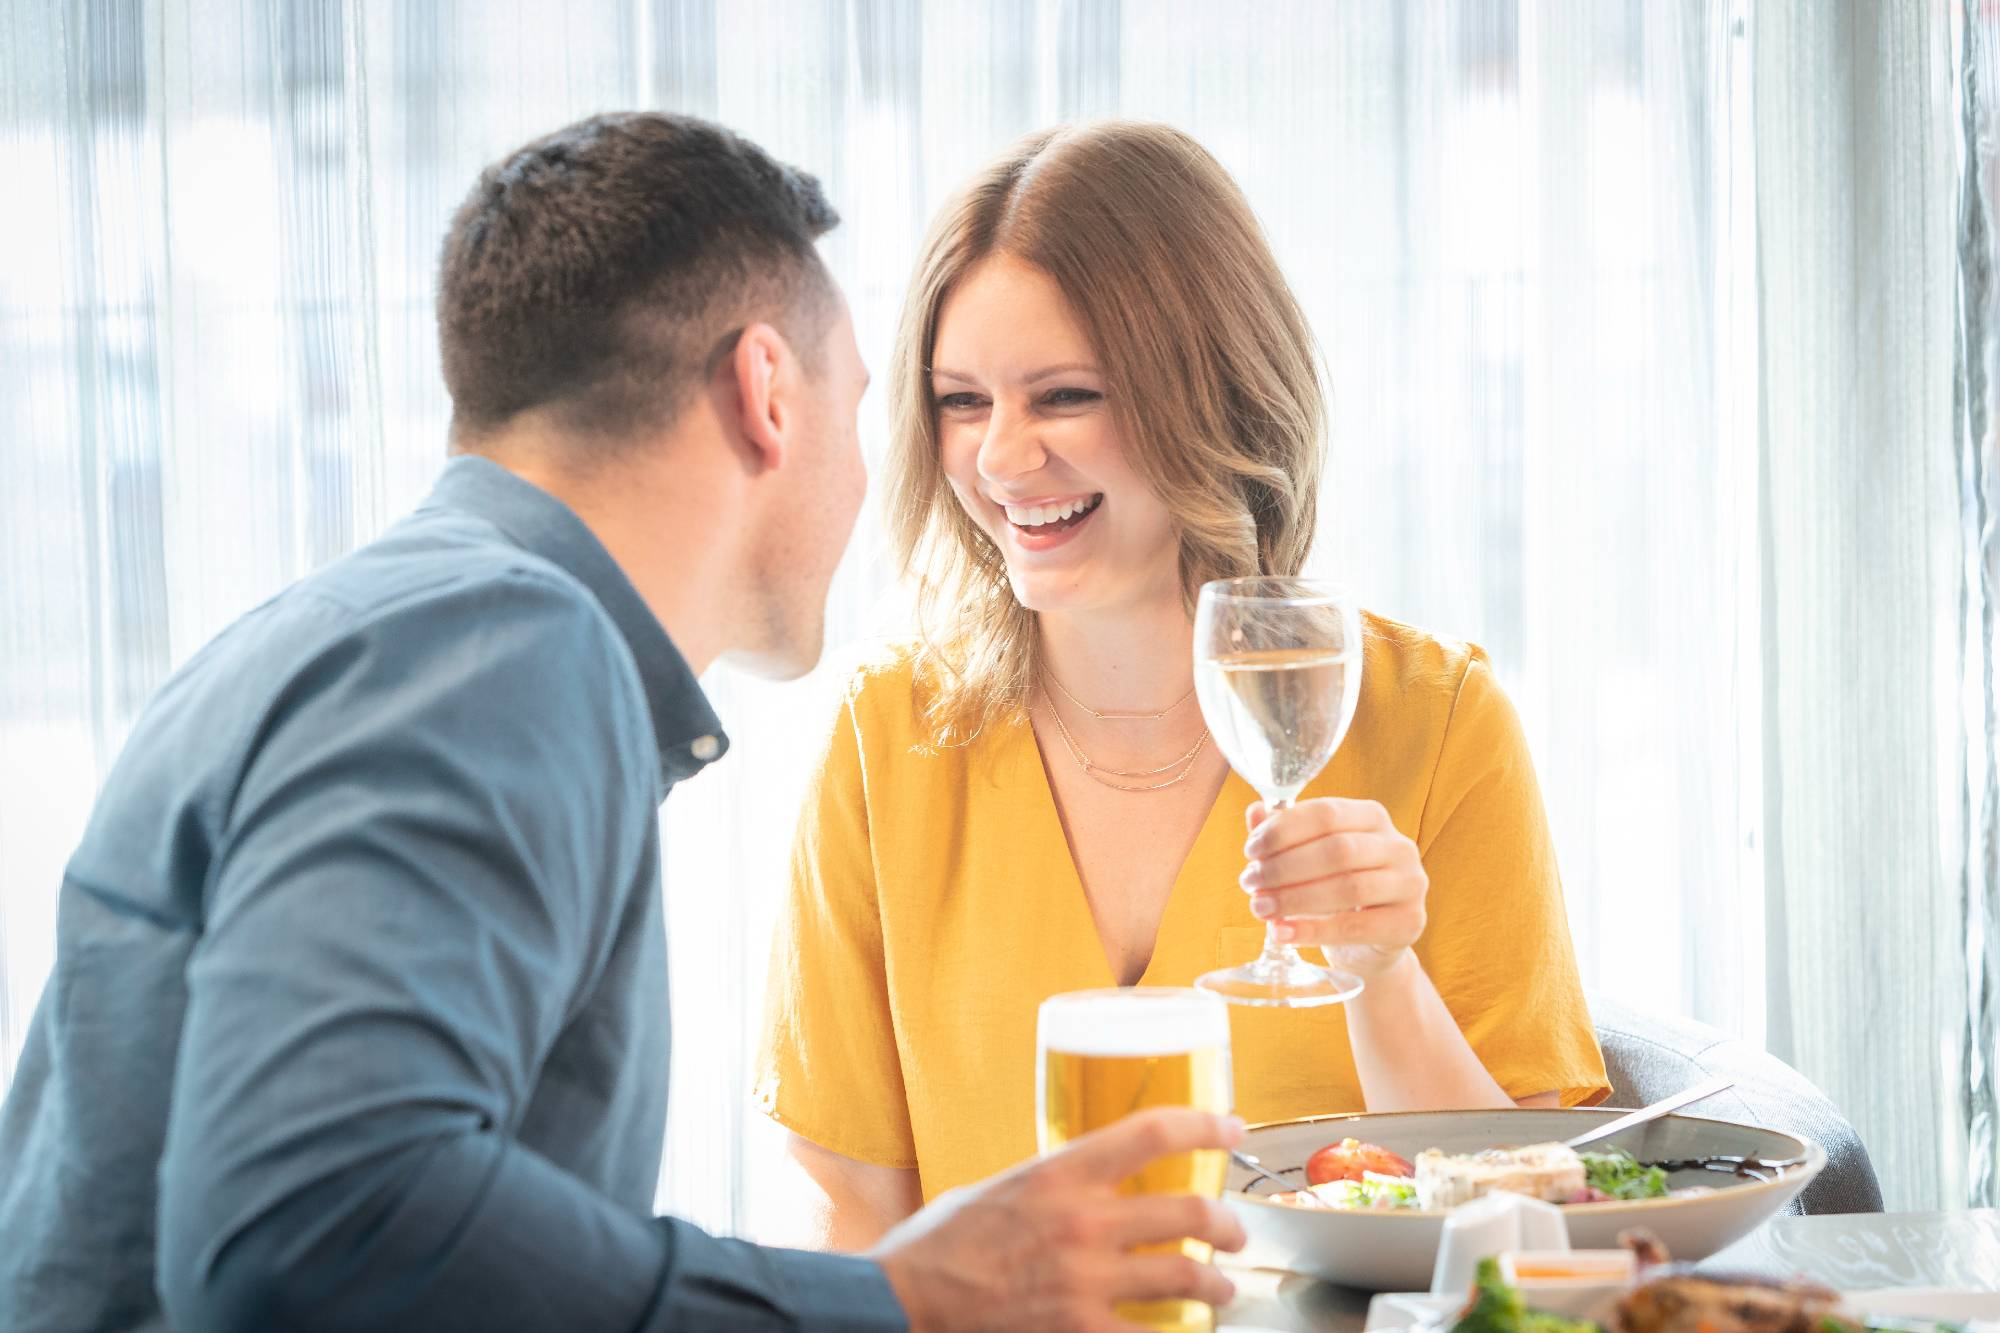 couple enjoying dinner Maldron Hotel restaurant